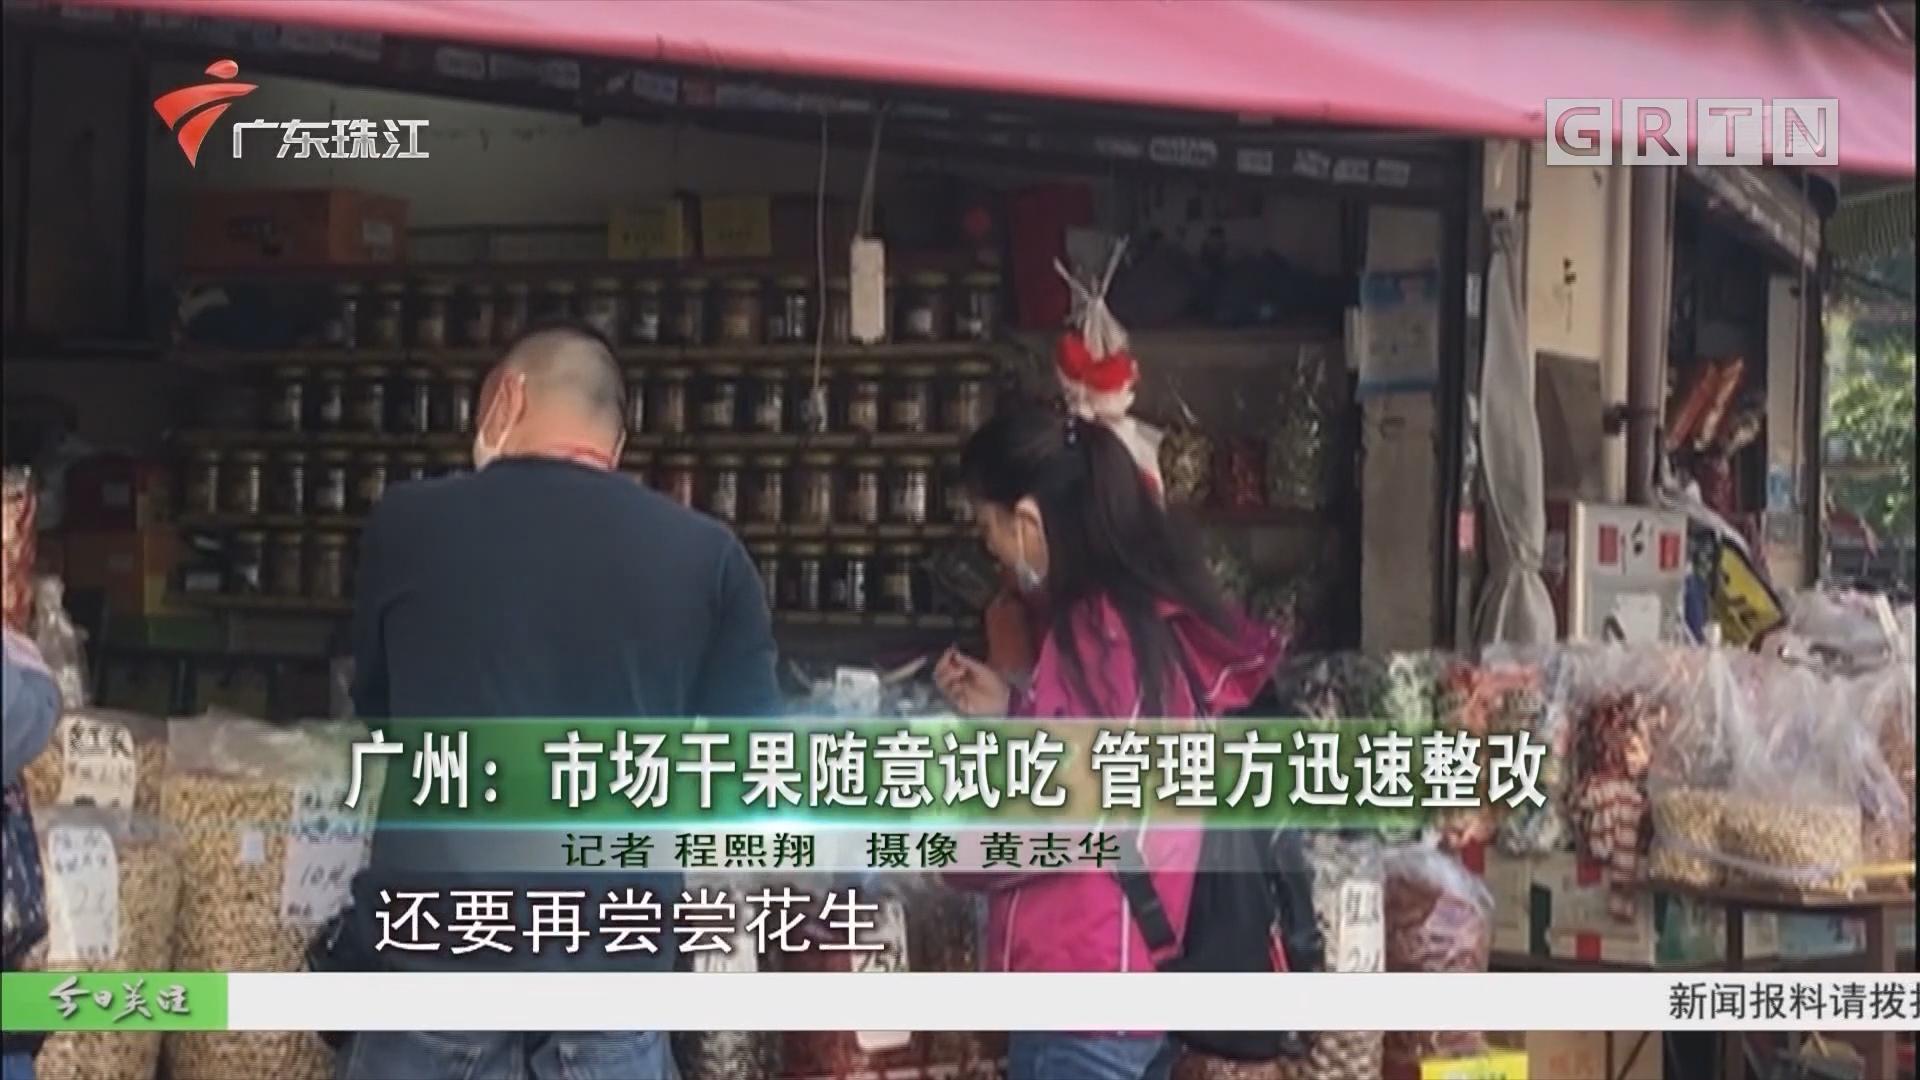 广州:市场干果随意试吃 管理方迅速整改